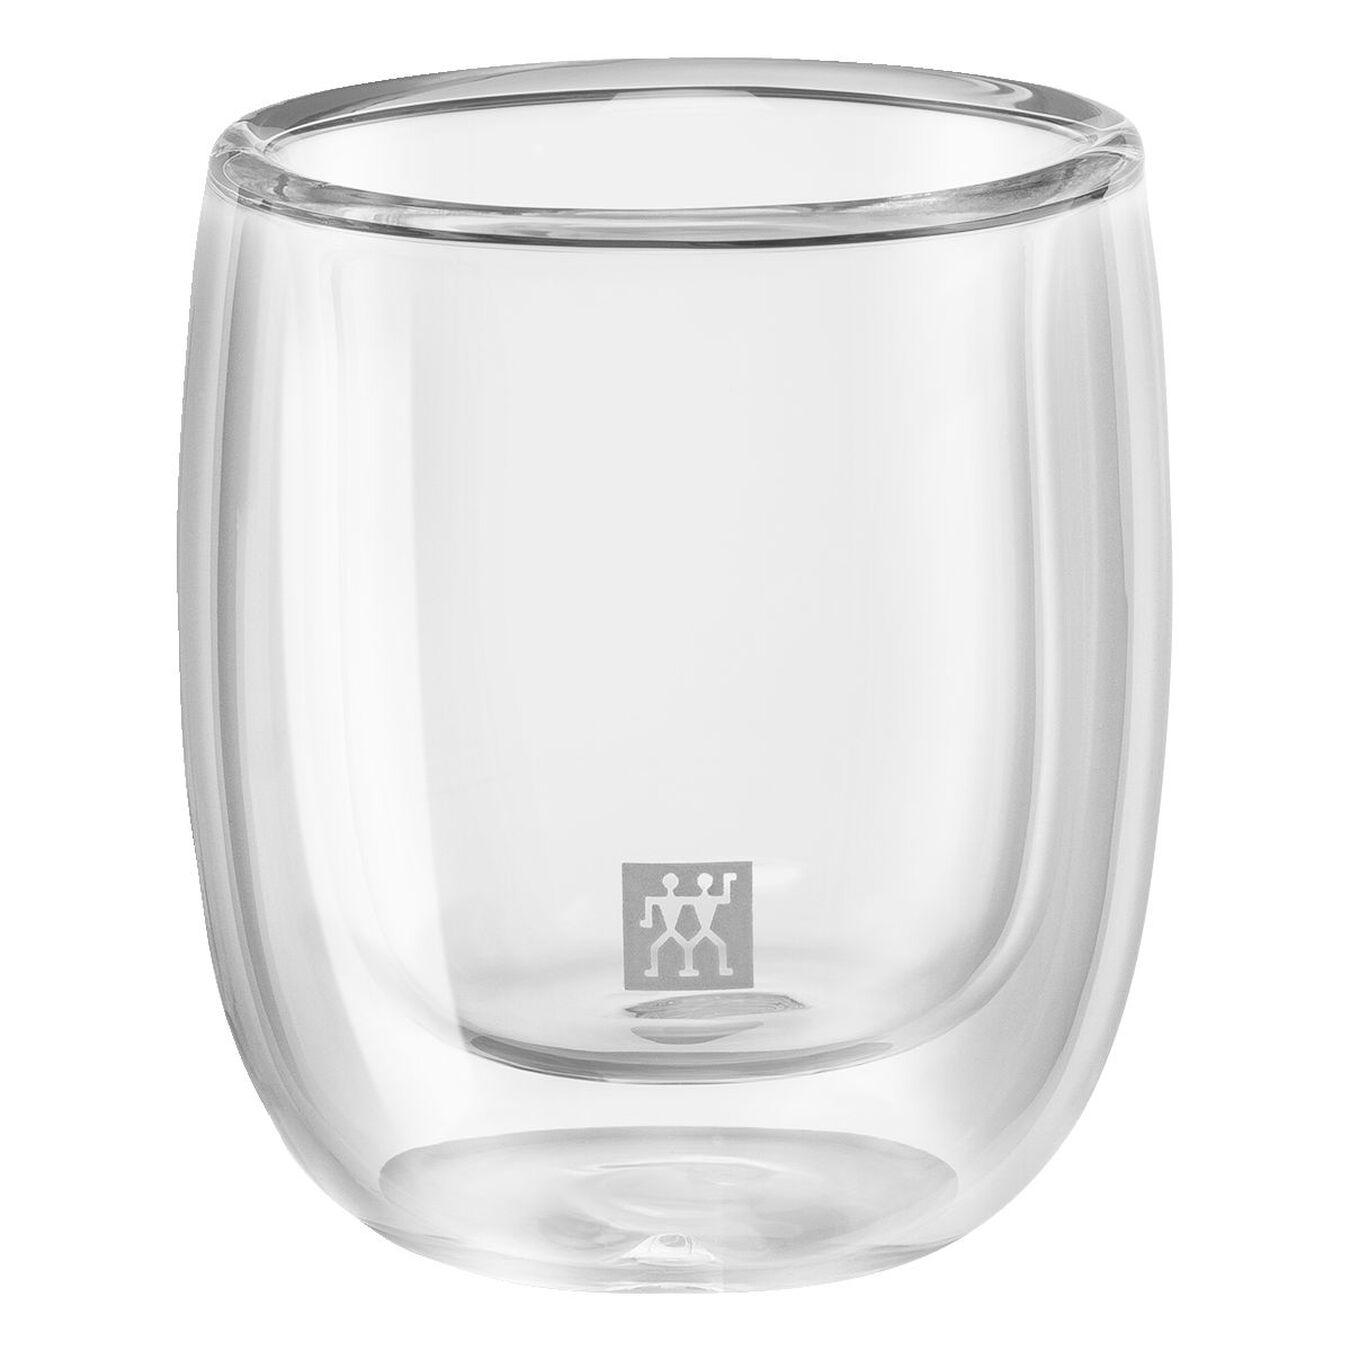 Service de verres à expresso à double paroi, 2-pces,,large 3